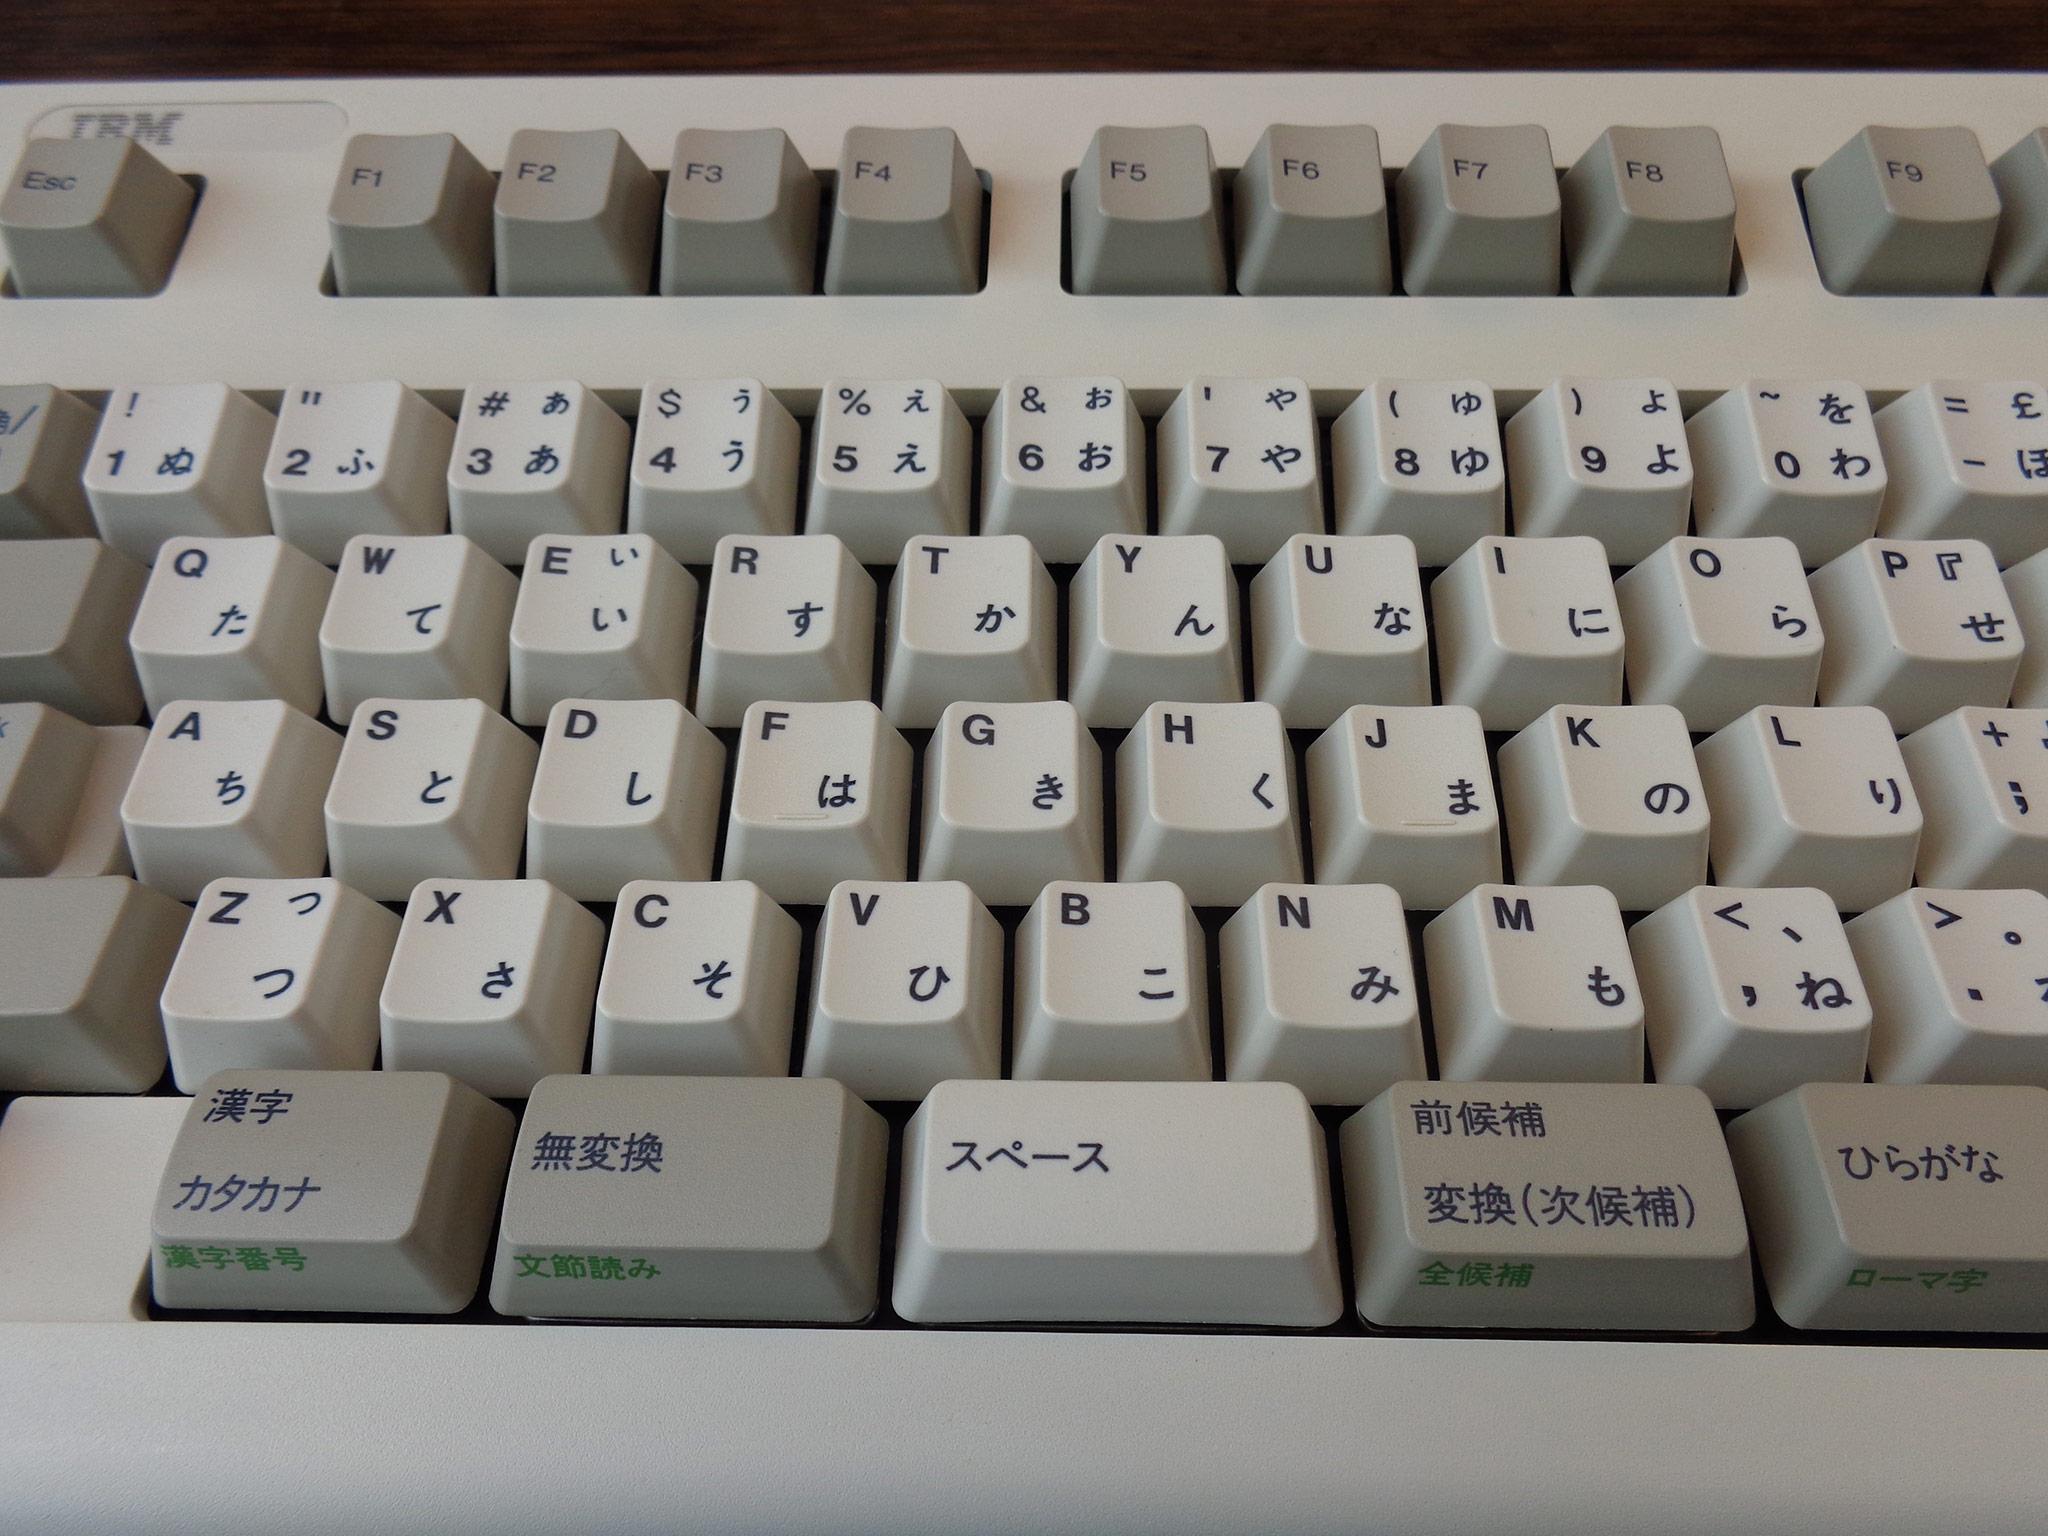 фалёнок китайская клавиатура фото что